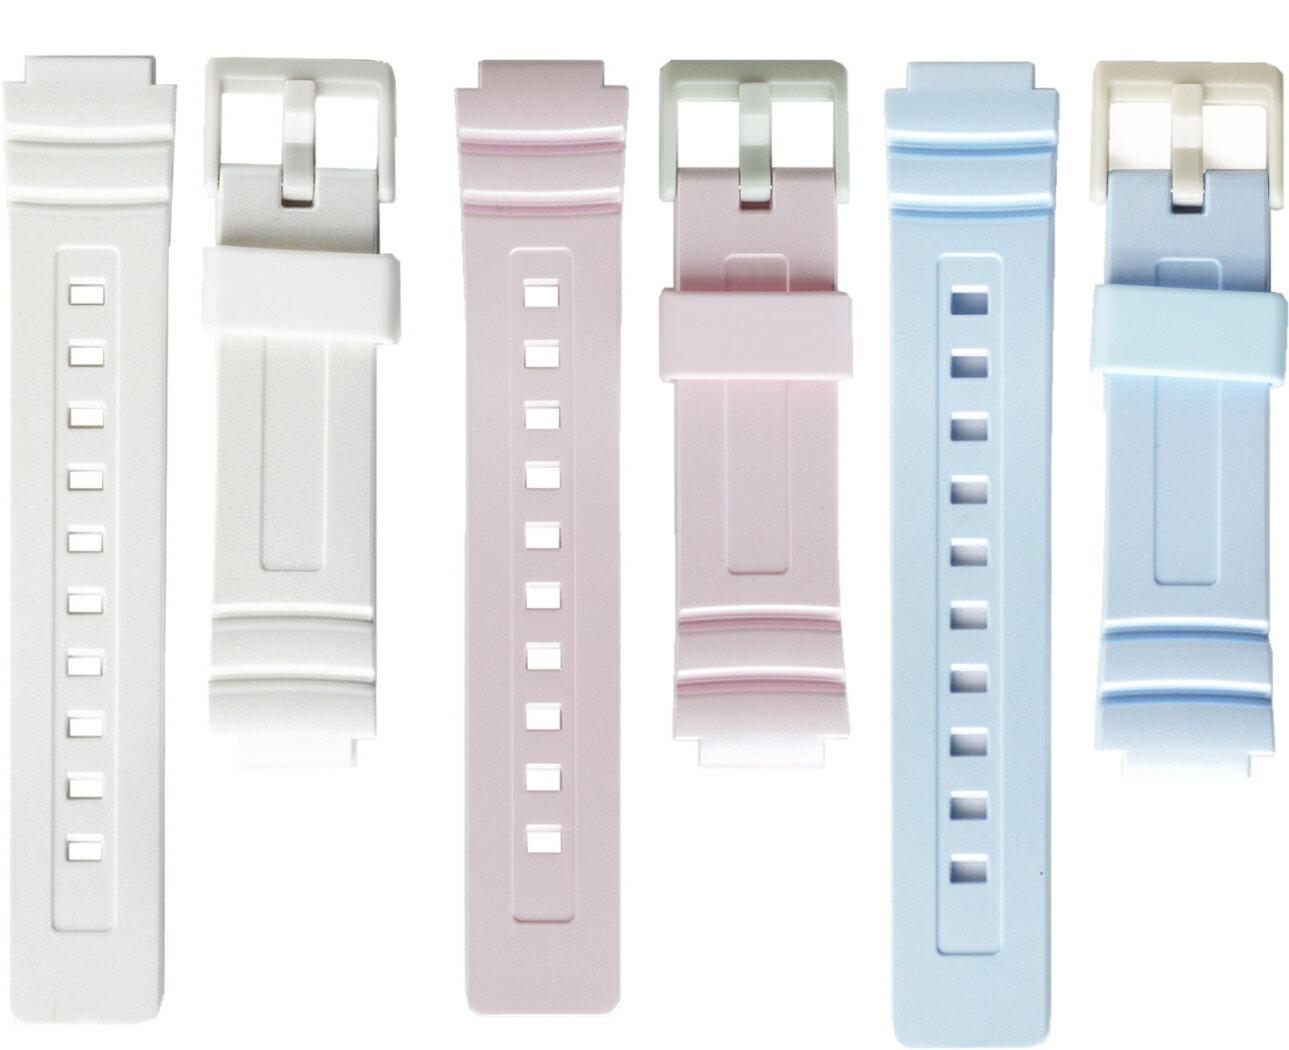 腕時計用アクセサリー, 腕時計用ベルト・バンド  CASIO LWA-M141,LWA-M140,LCF-30,LWA -M160